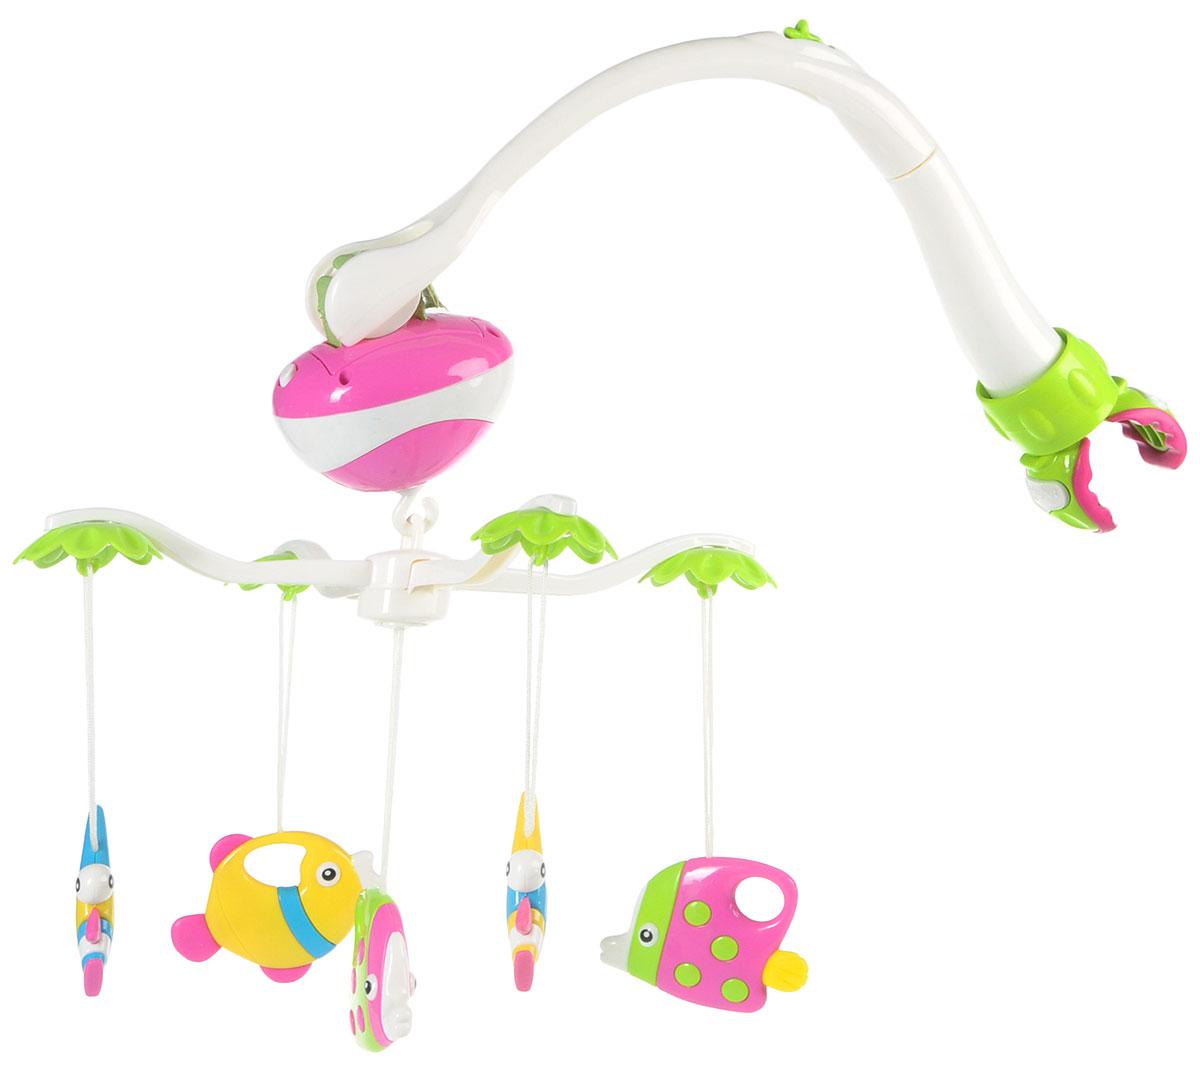 Veld-Co Музыкальная мобиль Рыбки - Игрушки для малышей